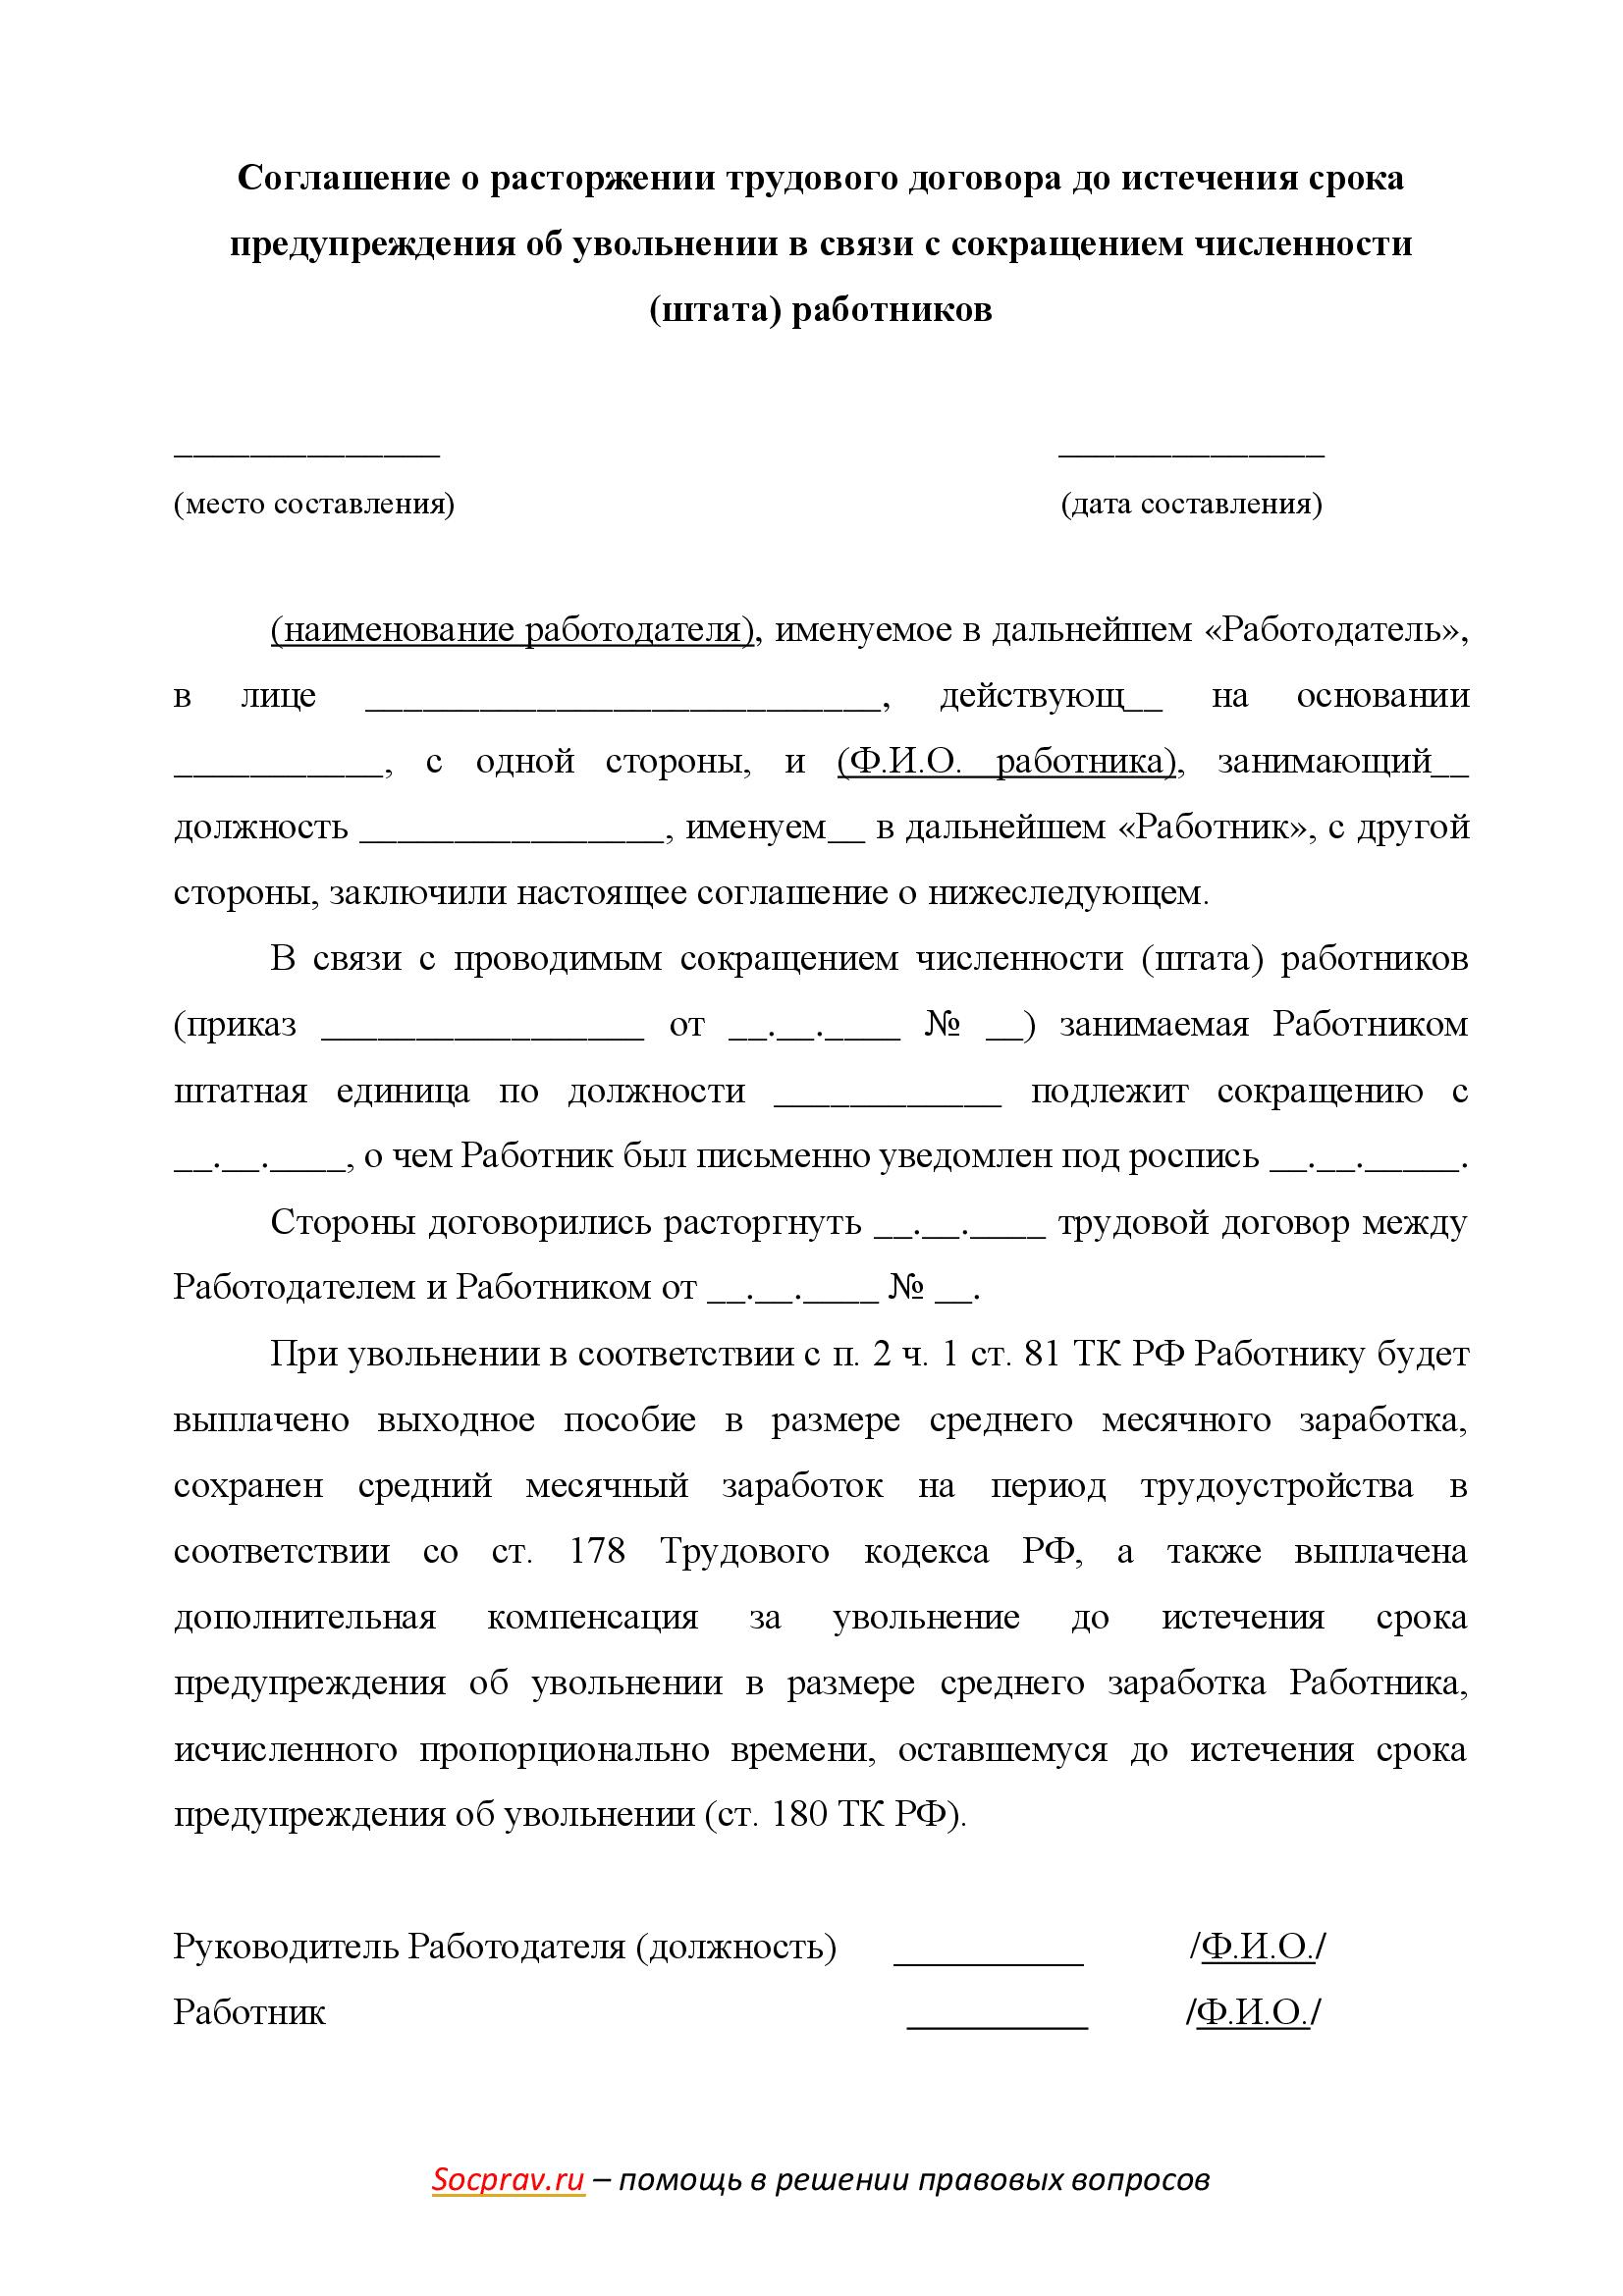 Соглашение о досрочном увольнении сотрудника по сокращению штата